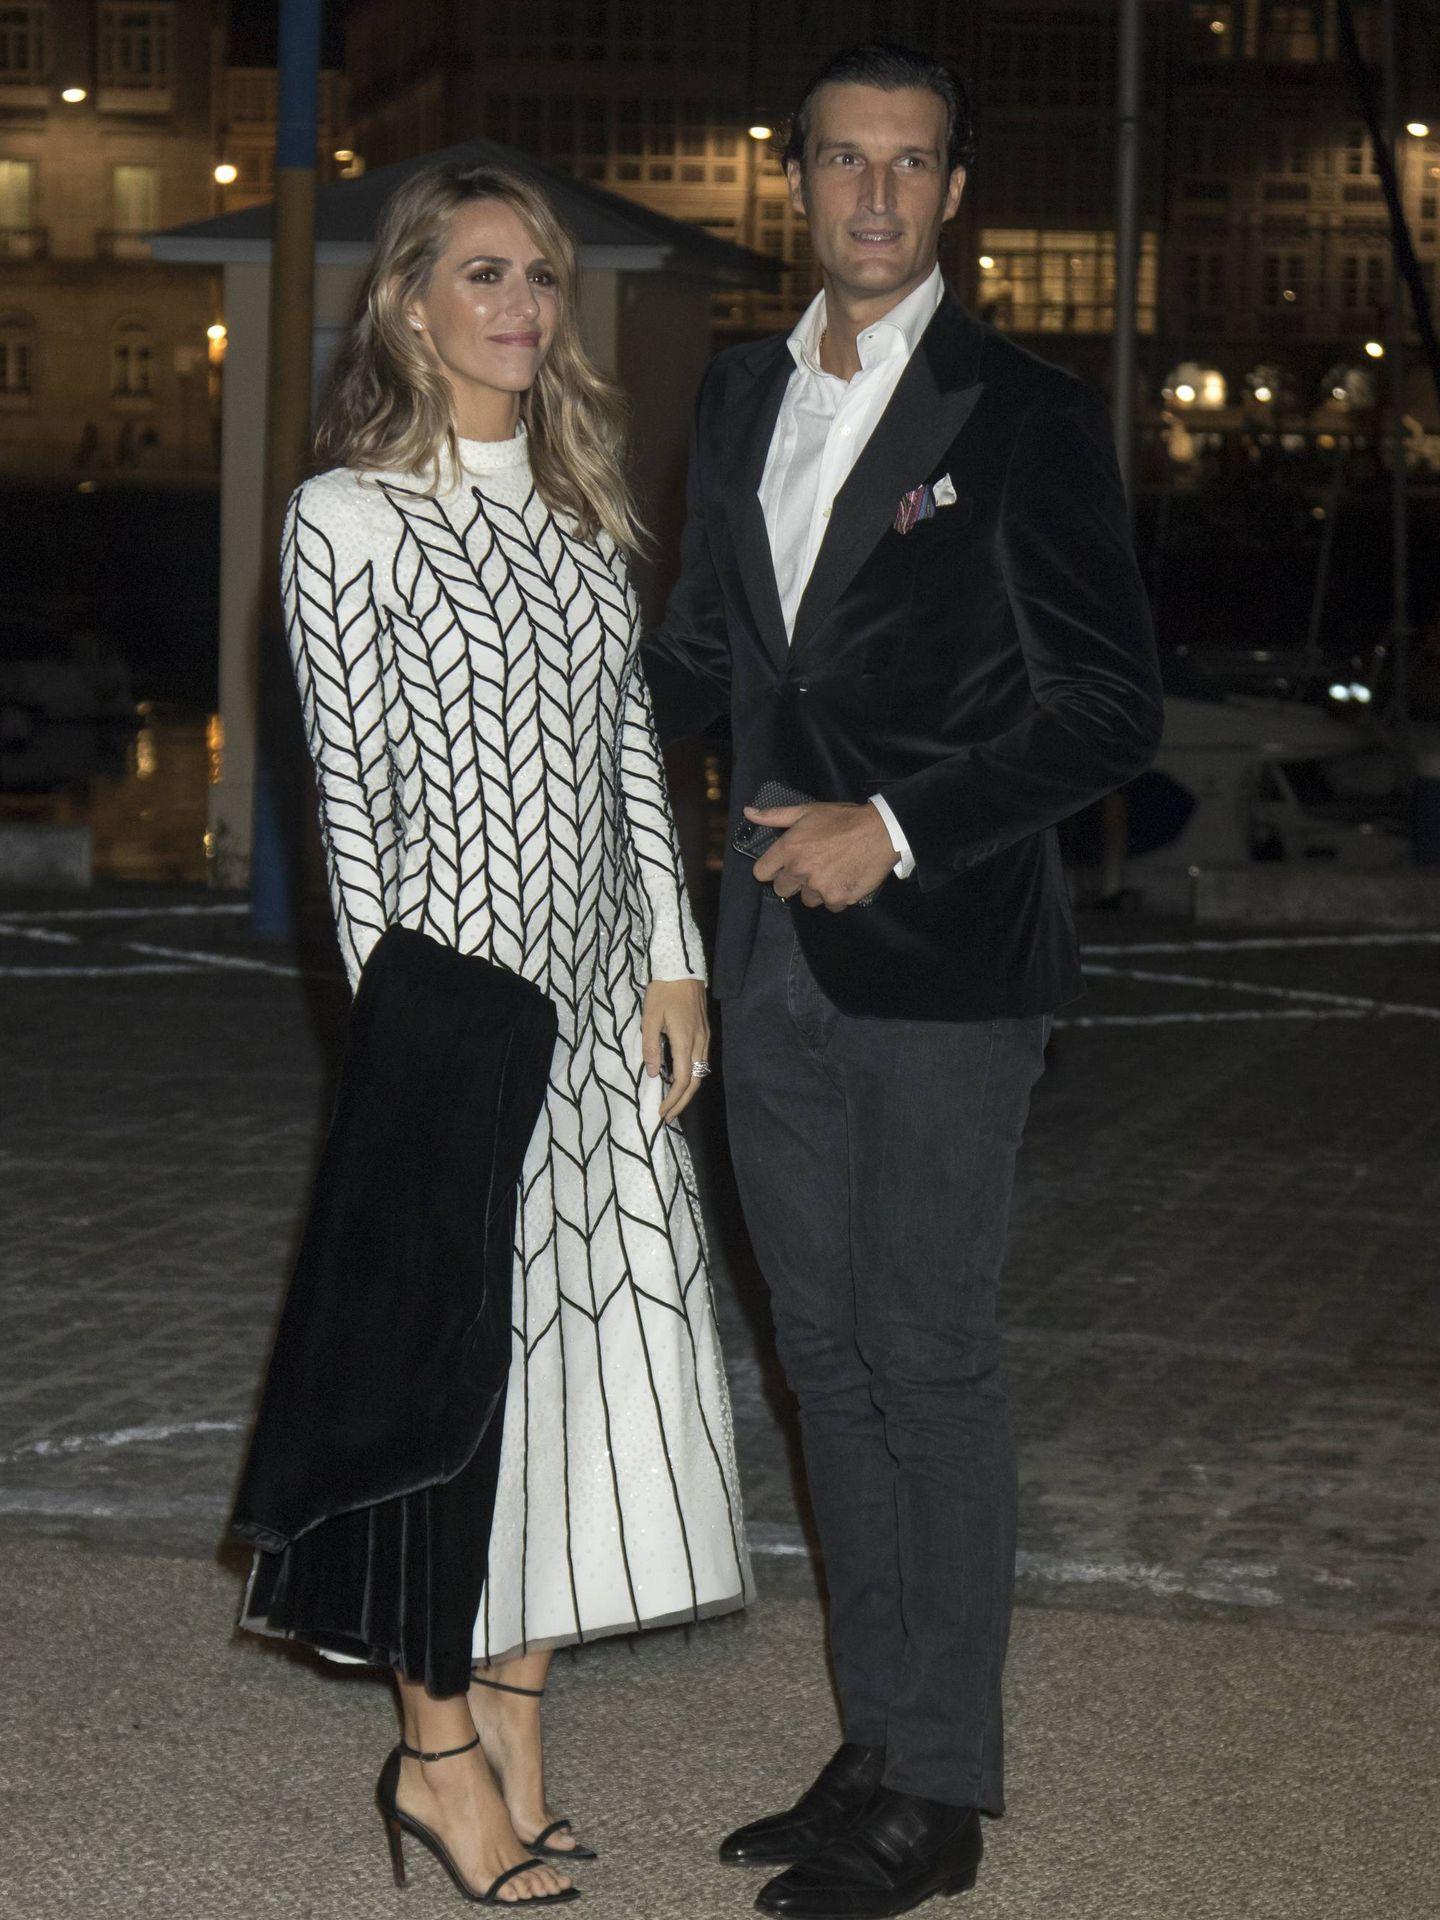 Laura Vecino y Rafa Medina en la boda de Marta Ortega y Carlos Torretta. (Cordon Press)